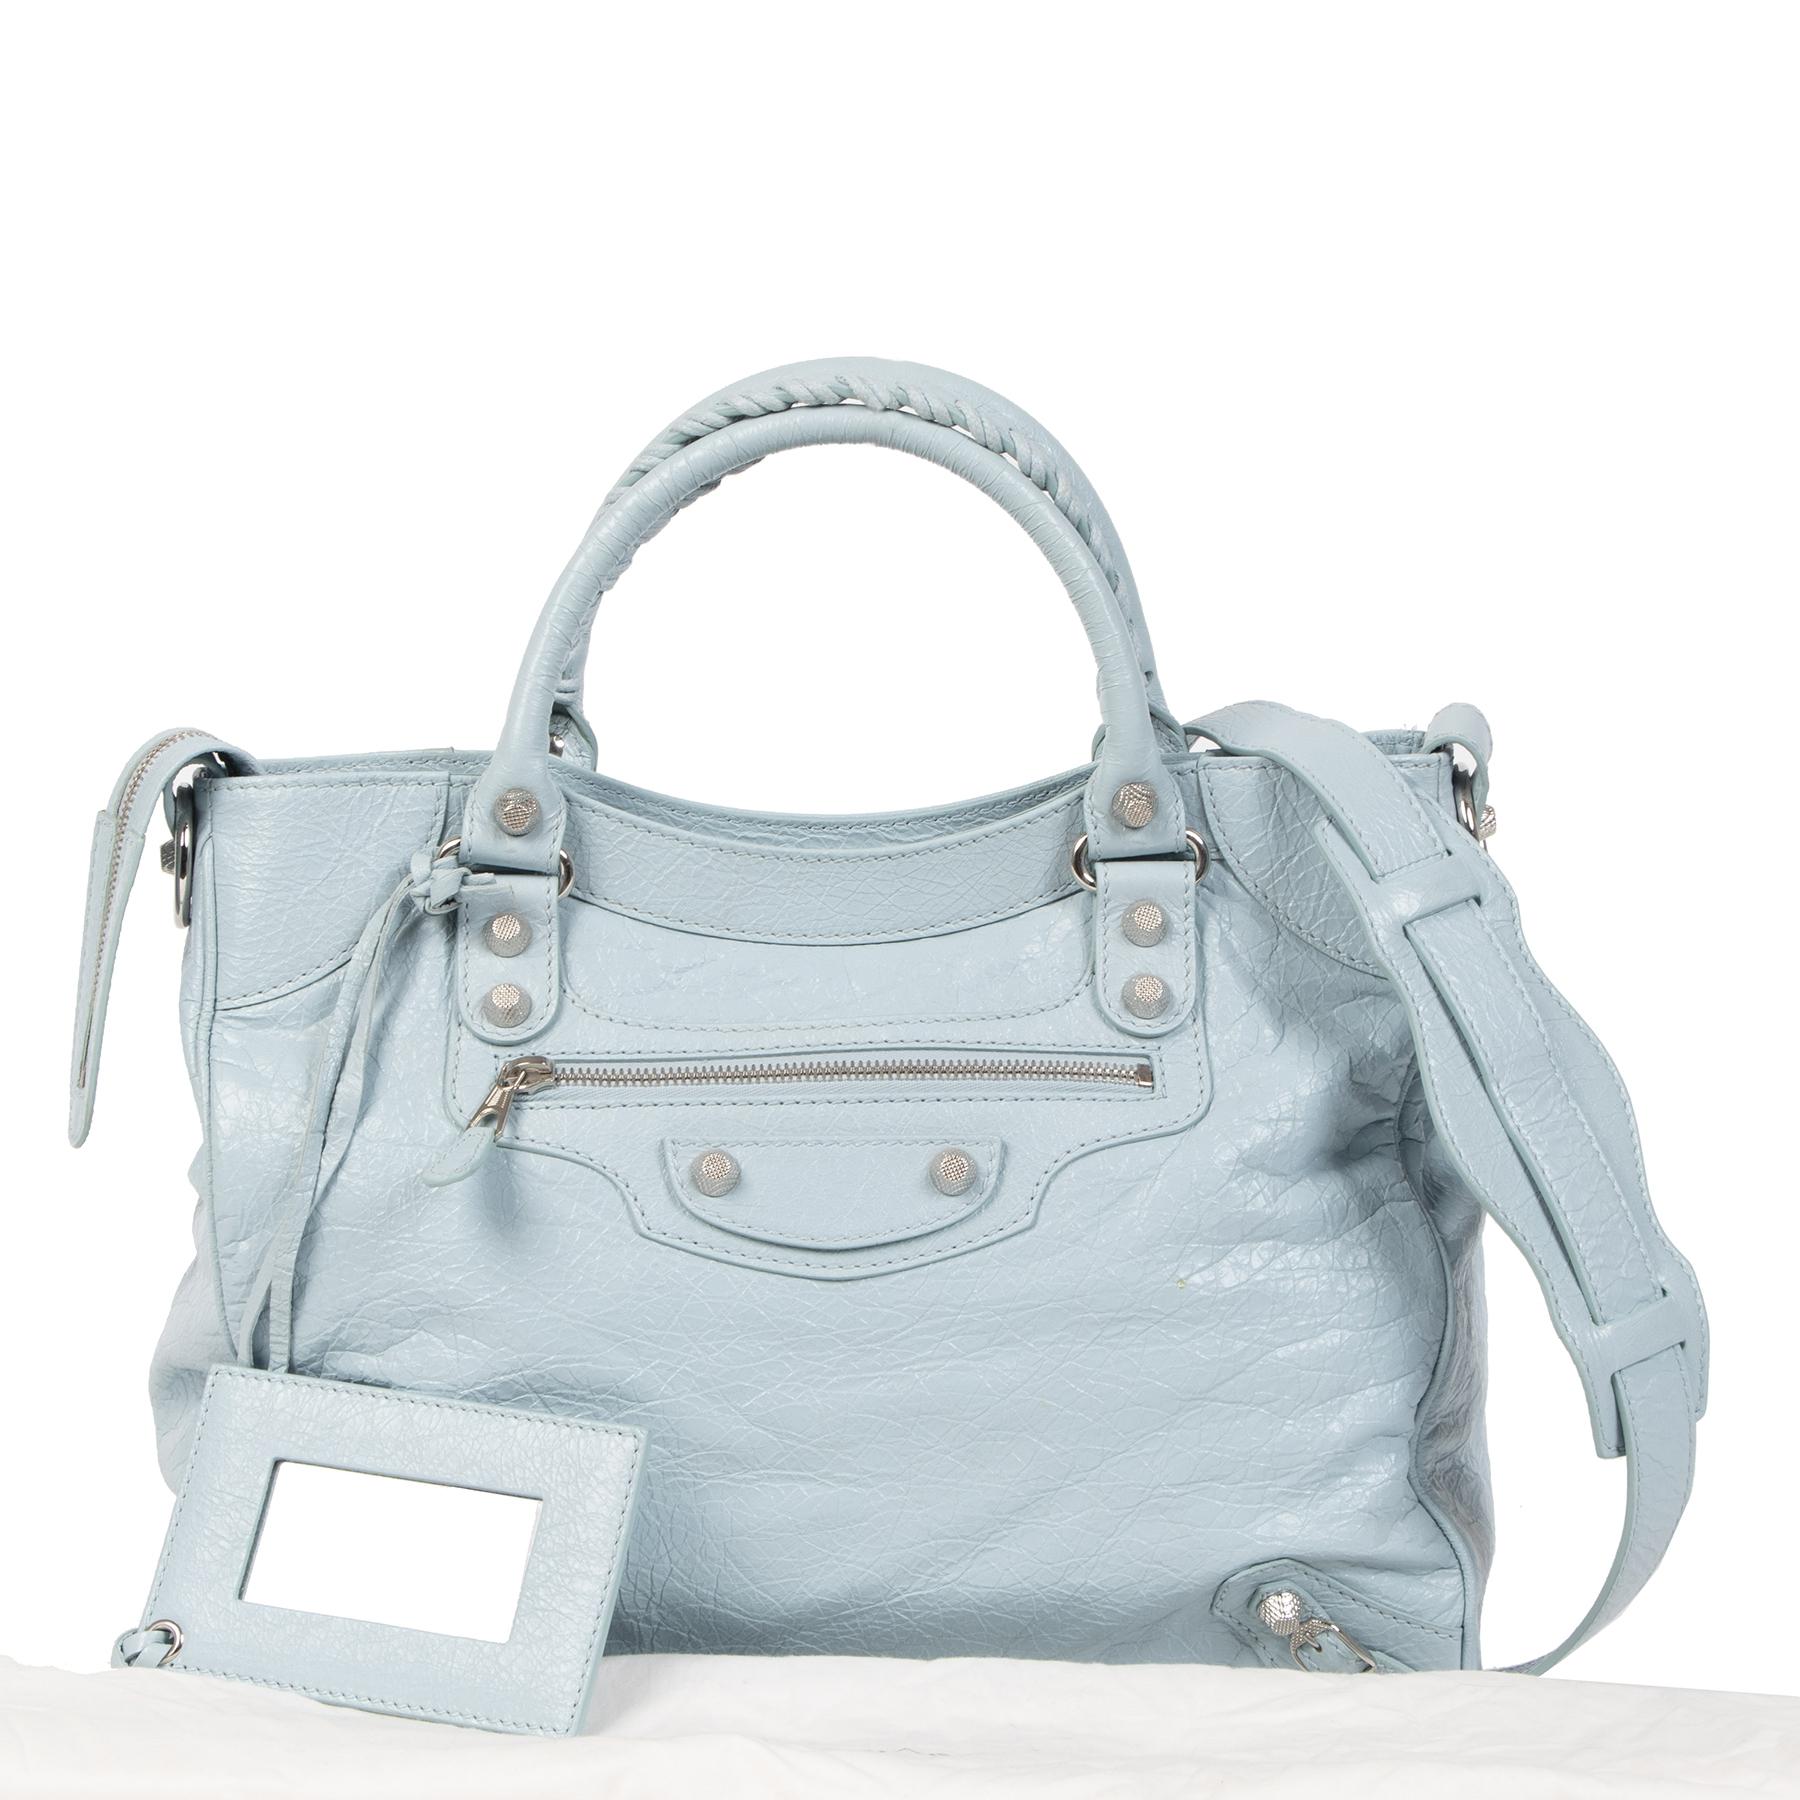 Authentieke tweedehands vintage Balenciaga Baby Blue Velo Bag koop online webshop LabelLOV